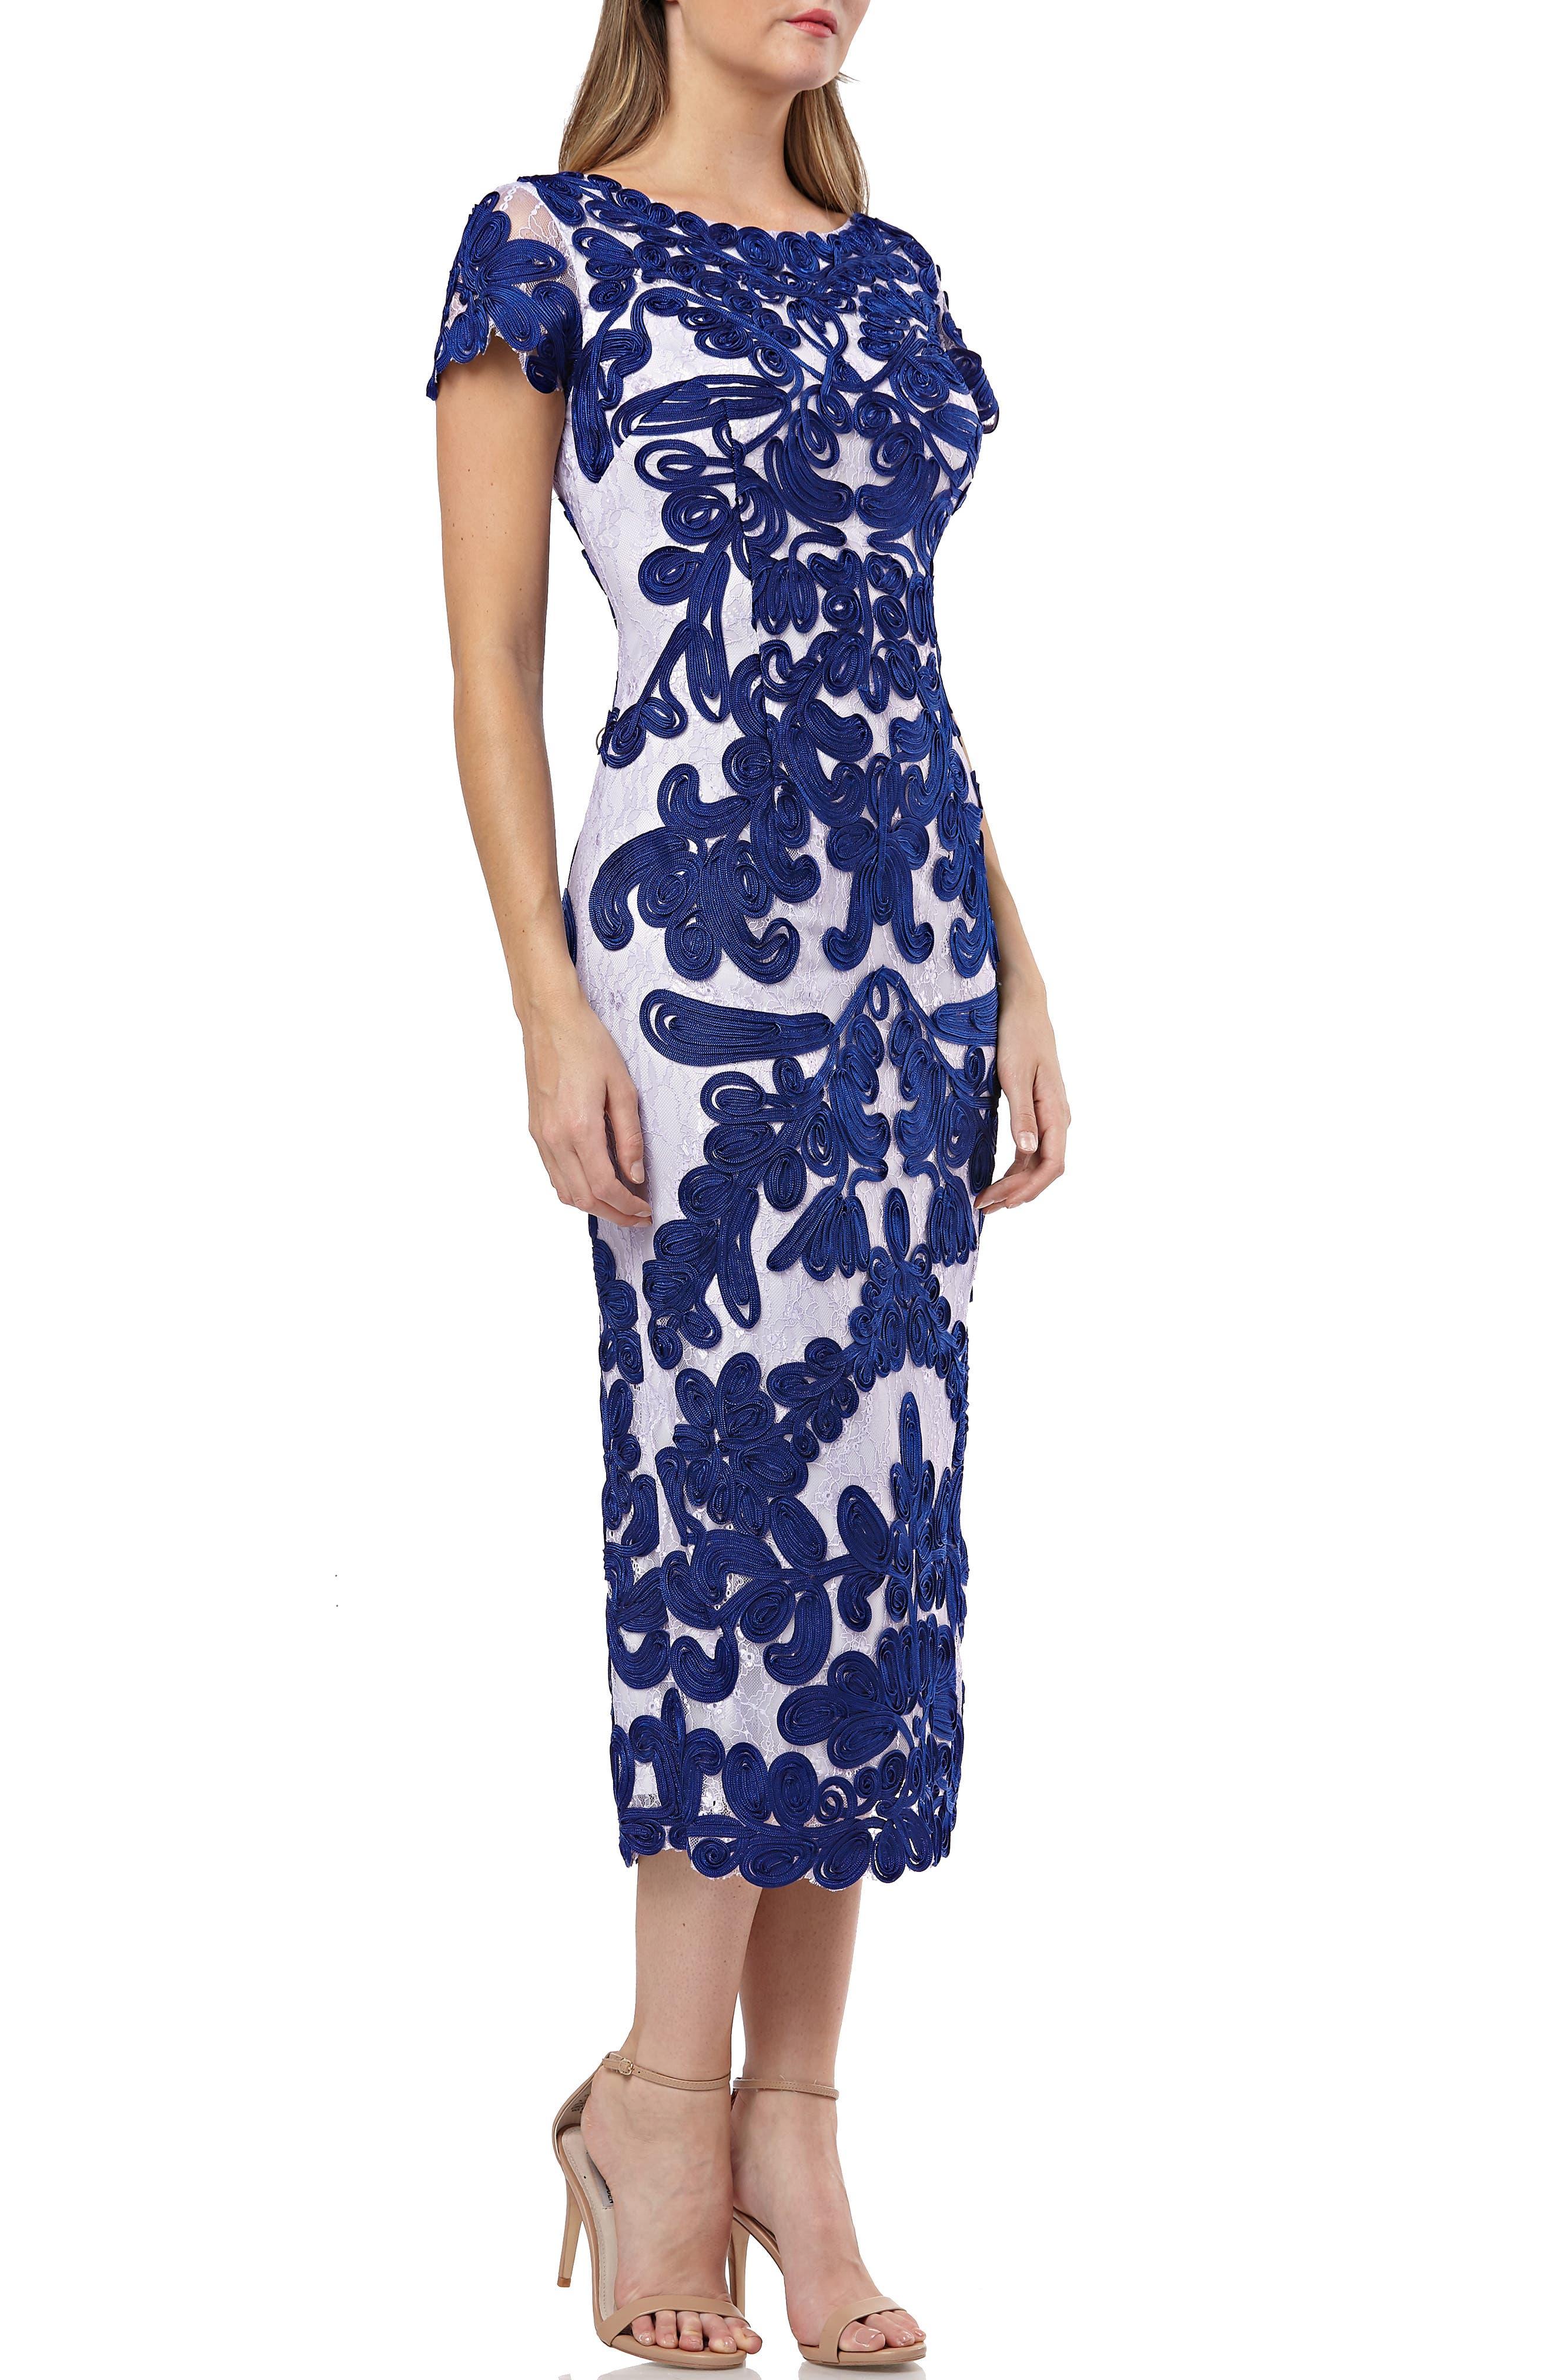 Js Collections Soutache Lace Midi Dress, Blue